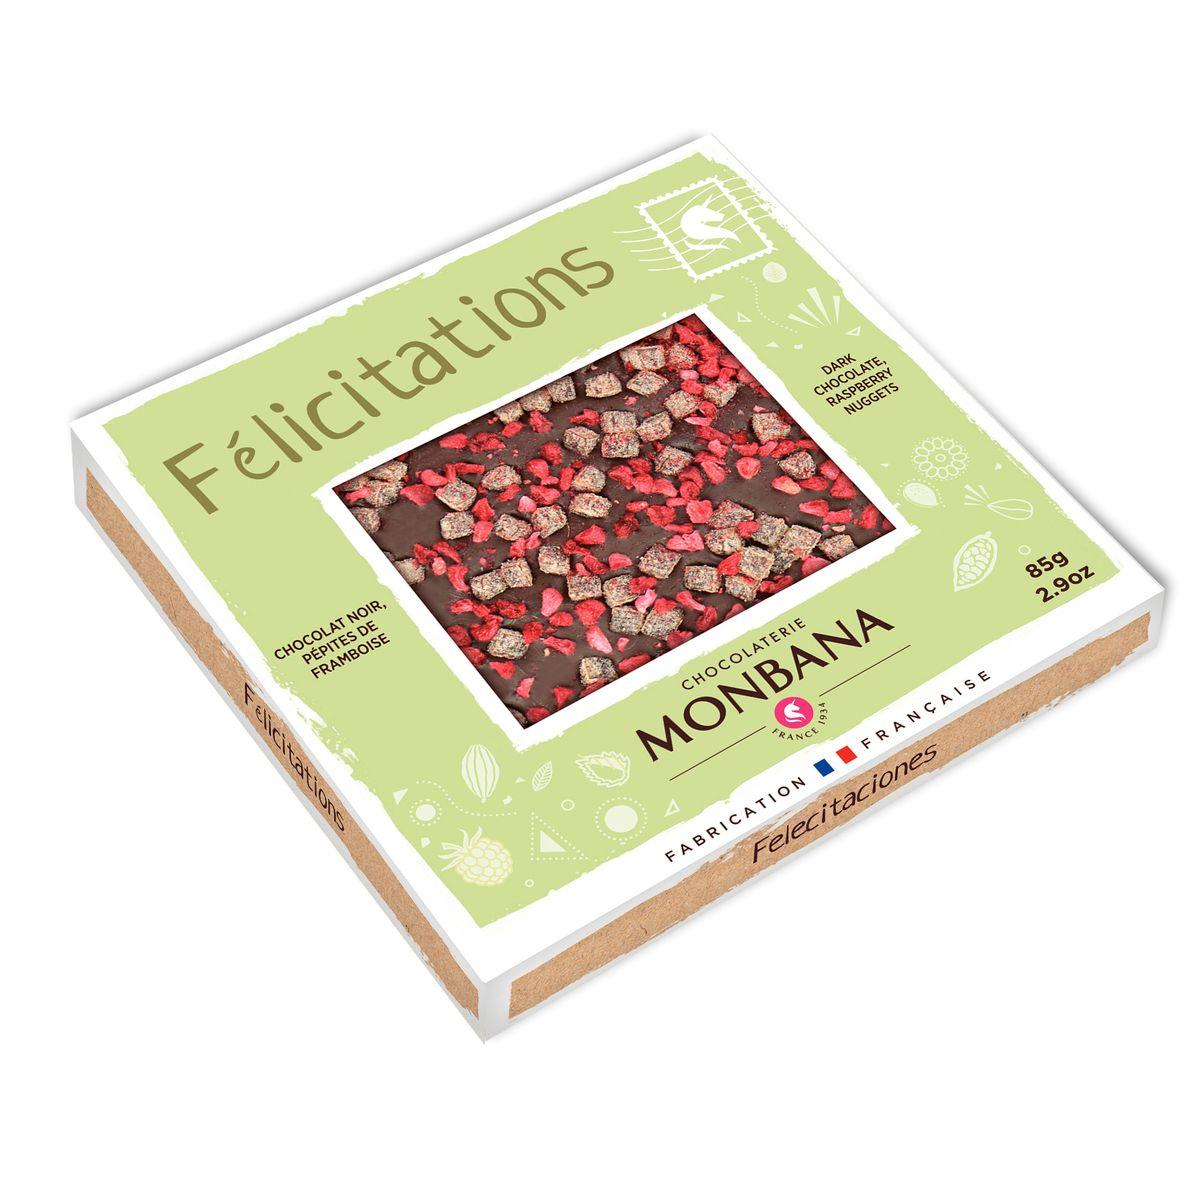 Tablette de chocolat noir aux framboises 85g - Monbana